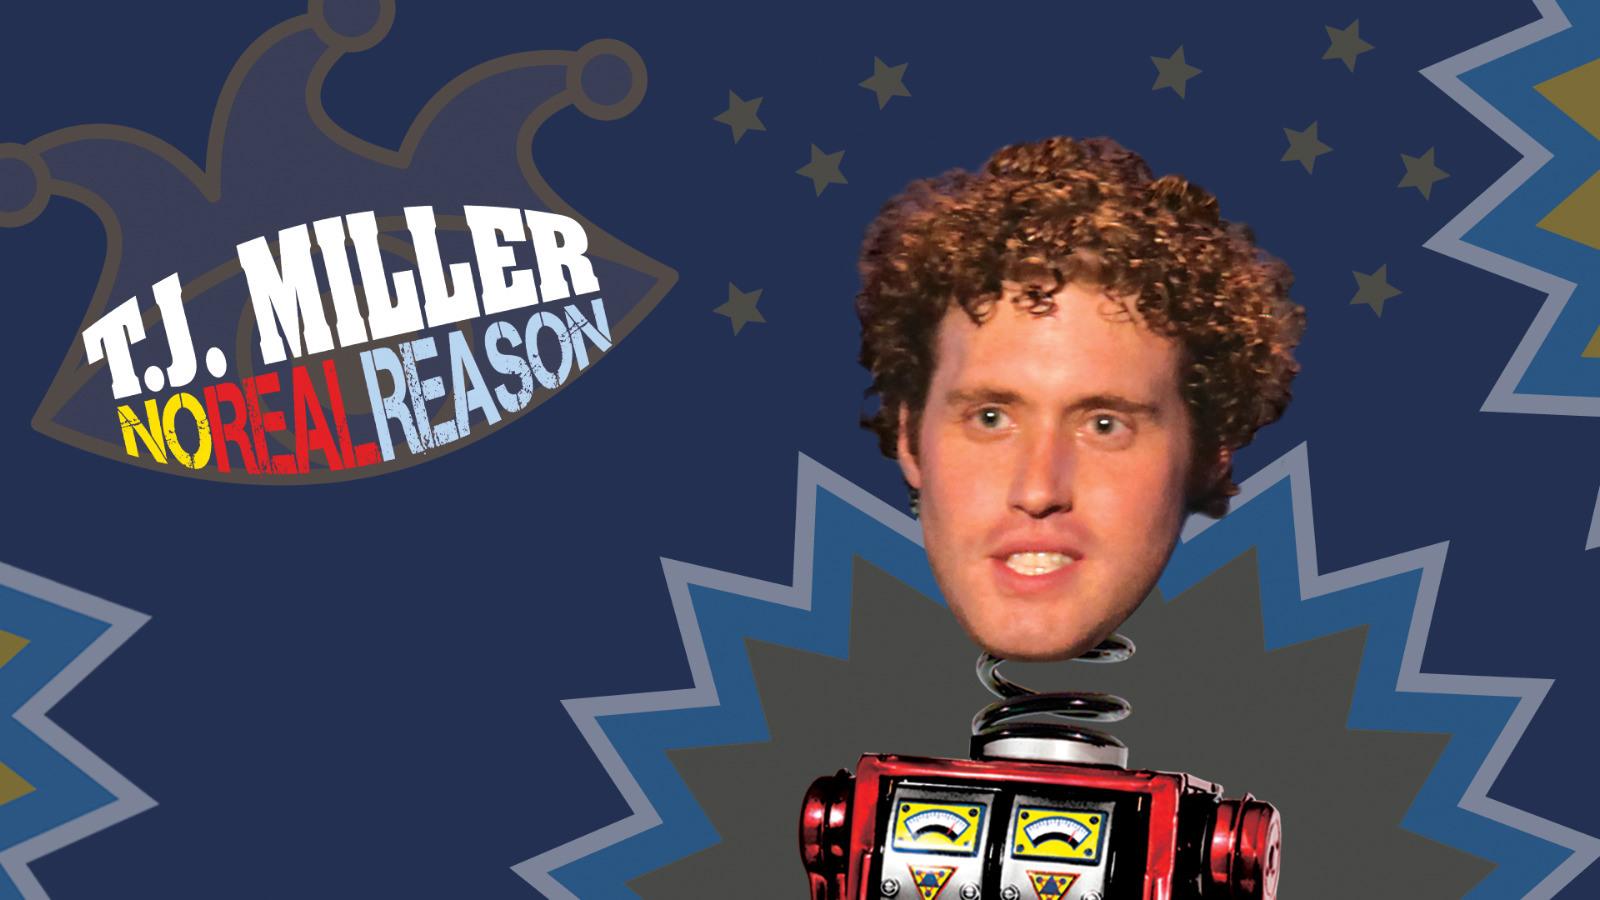 T.J. MILLER - NO REAL REASON